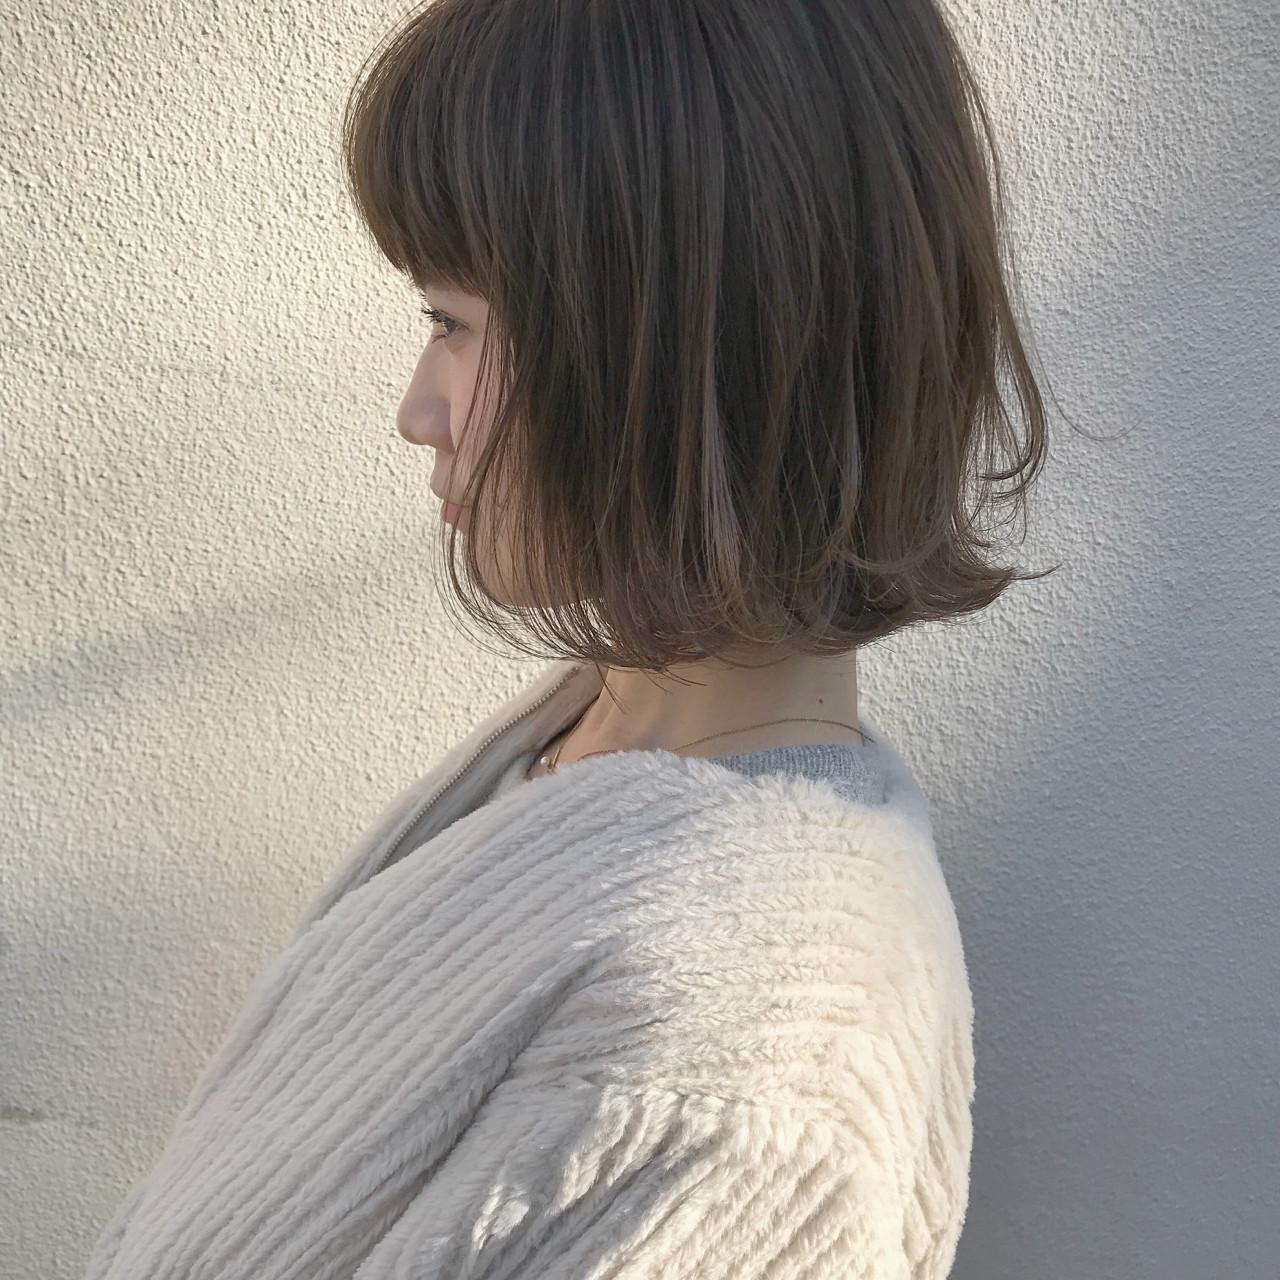 切りっぱなし ハイライト ナチュラル こなれ感 ヘアスタイルや髪型の写真・画像 | KENTO.NOESALON / NOE SALON